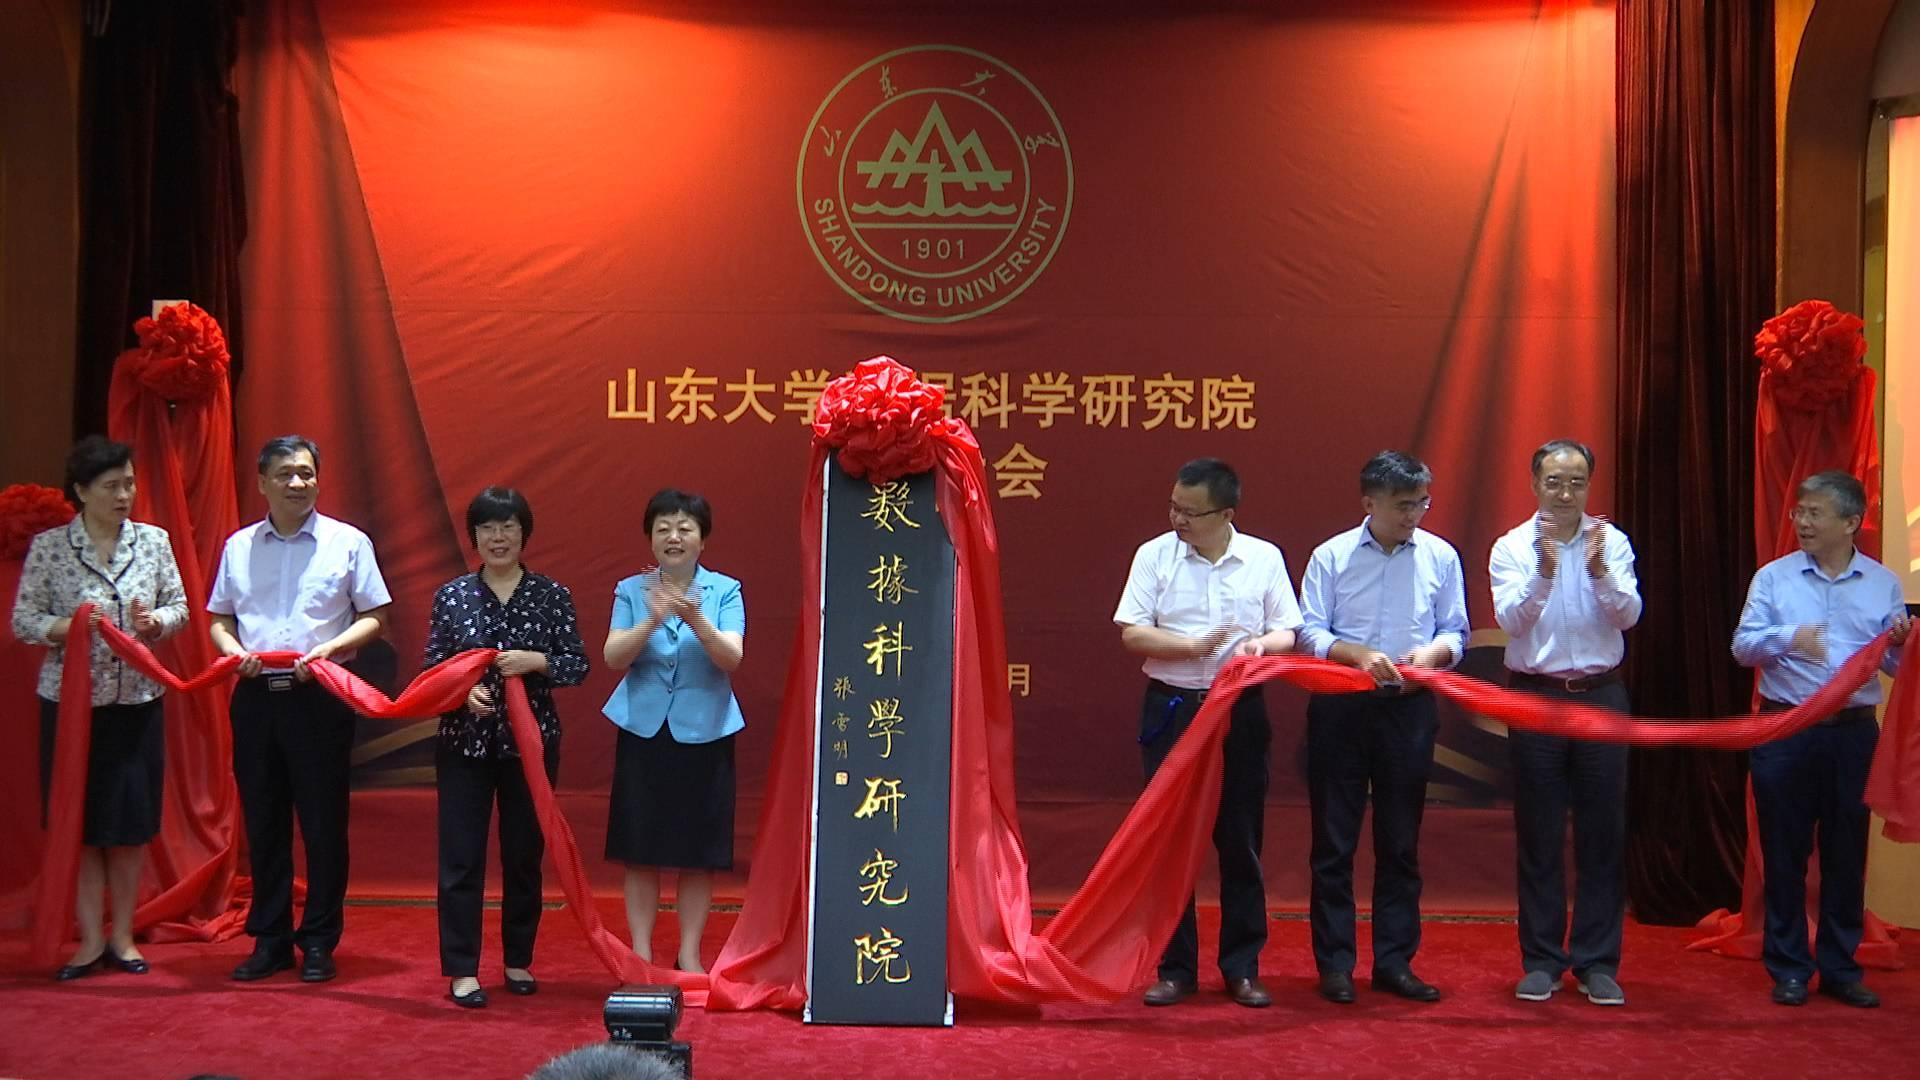 山东大学数据科学研究院今天揭牌成立